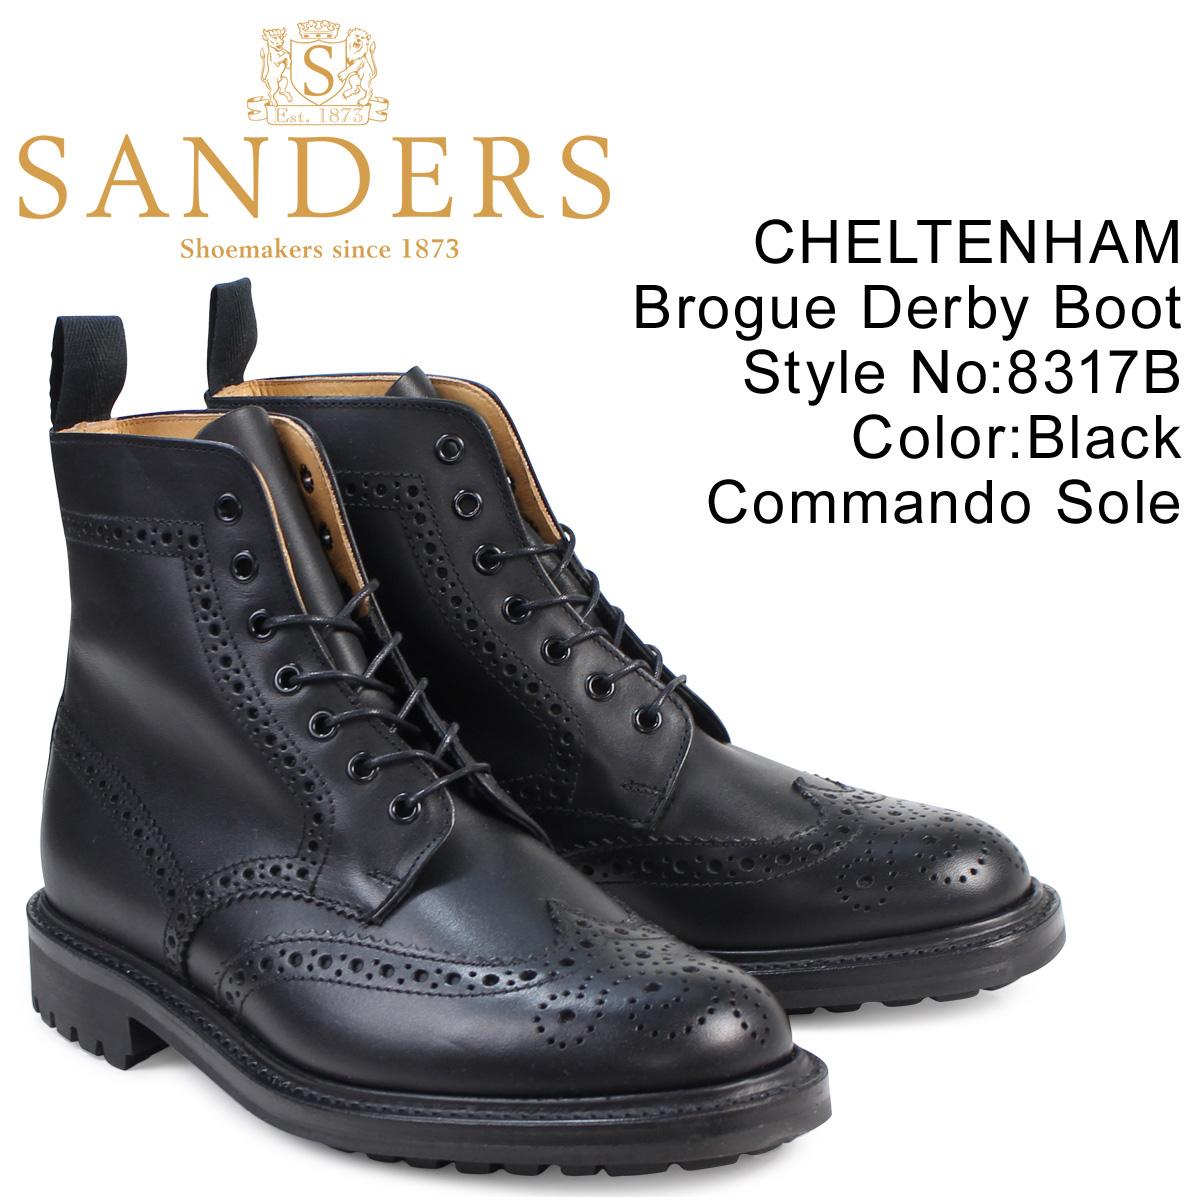 サンダース SANDERS ミリタリー カントリーブーツ CHELTENHAM 8317B メンズ ブラック